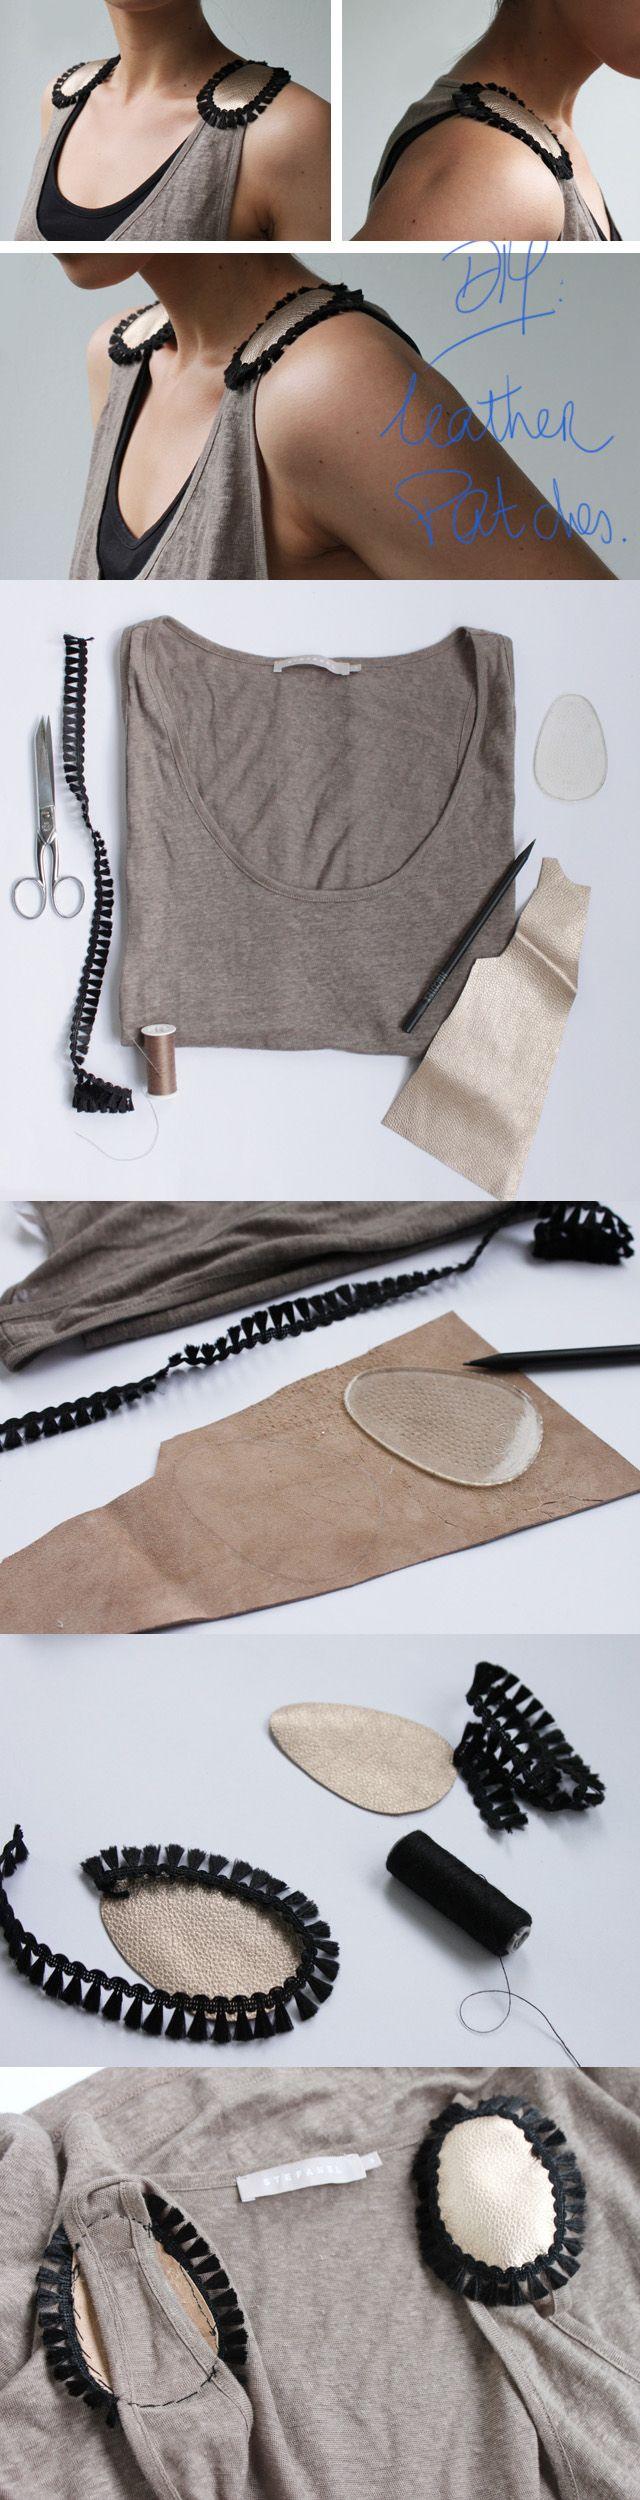 DIY Clothes   Fashionista Pieces